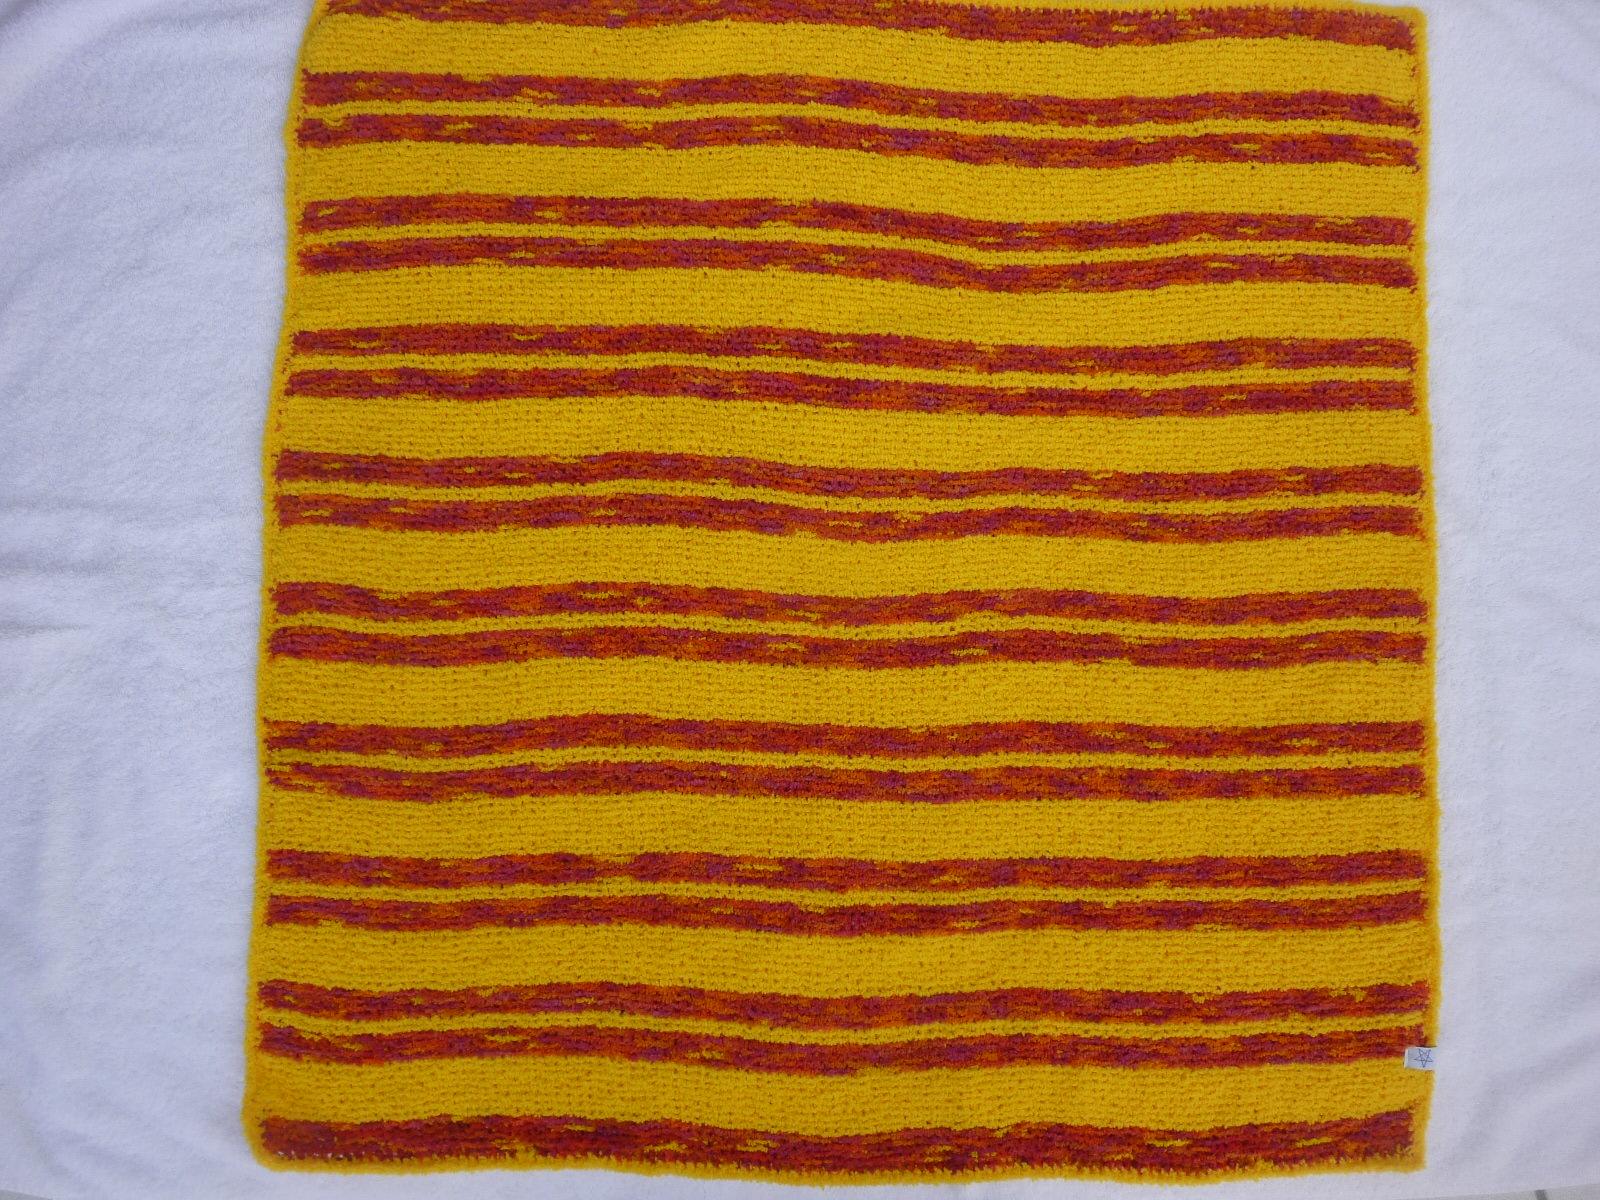 Kleinesbild - Babydecke 83 x 81 cm flauschig weich Kinderwagendecke Krabbeldecke Decke handgestrickt gelb rot orange pink